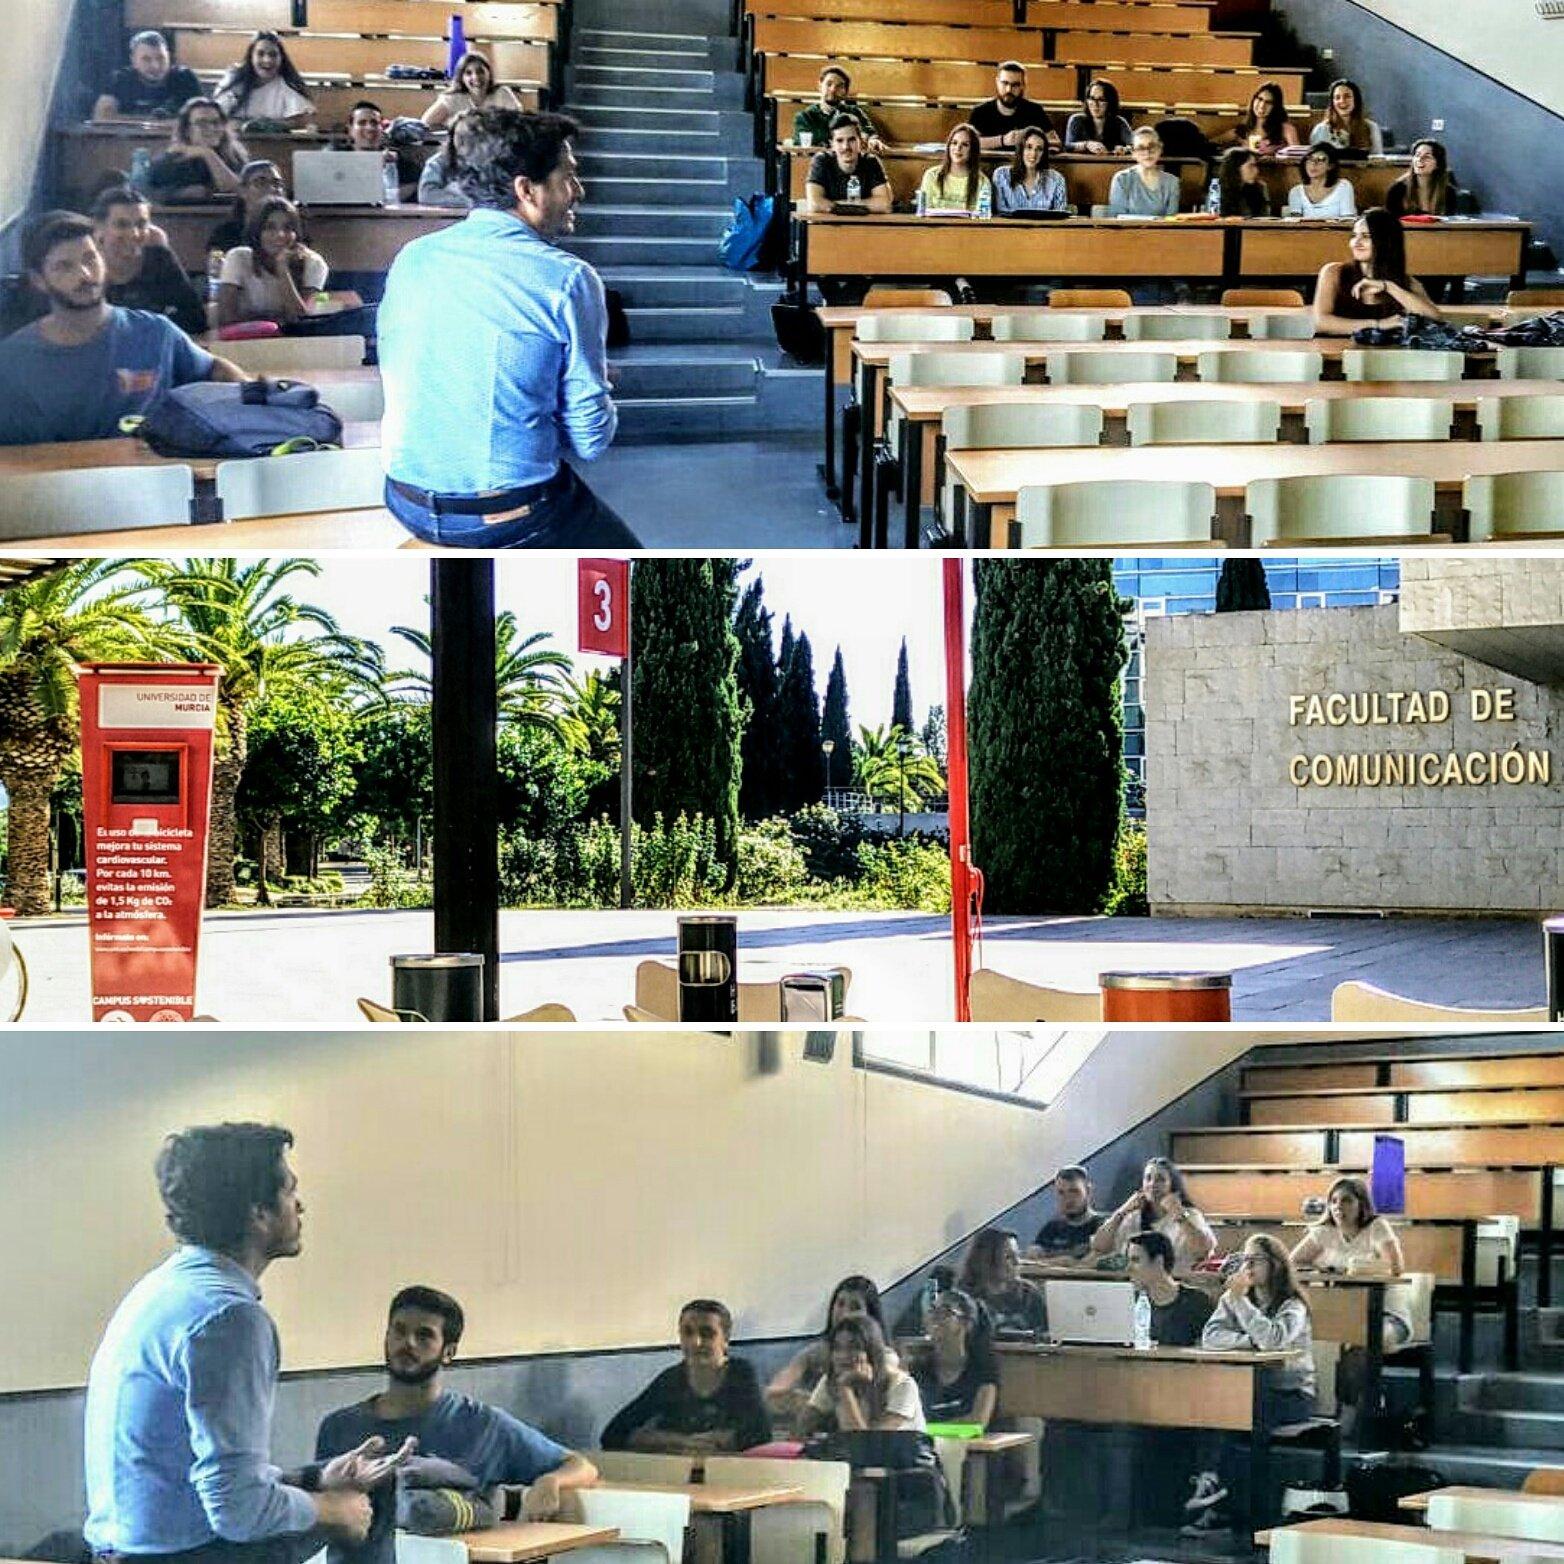 Charla en la Universidad de Murcia: ¿Cómo ha cambiado la publicidad en los últimos años?